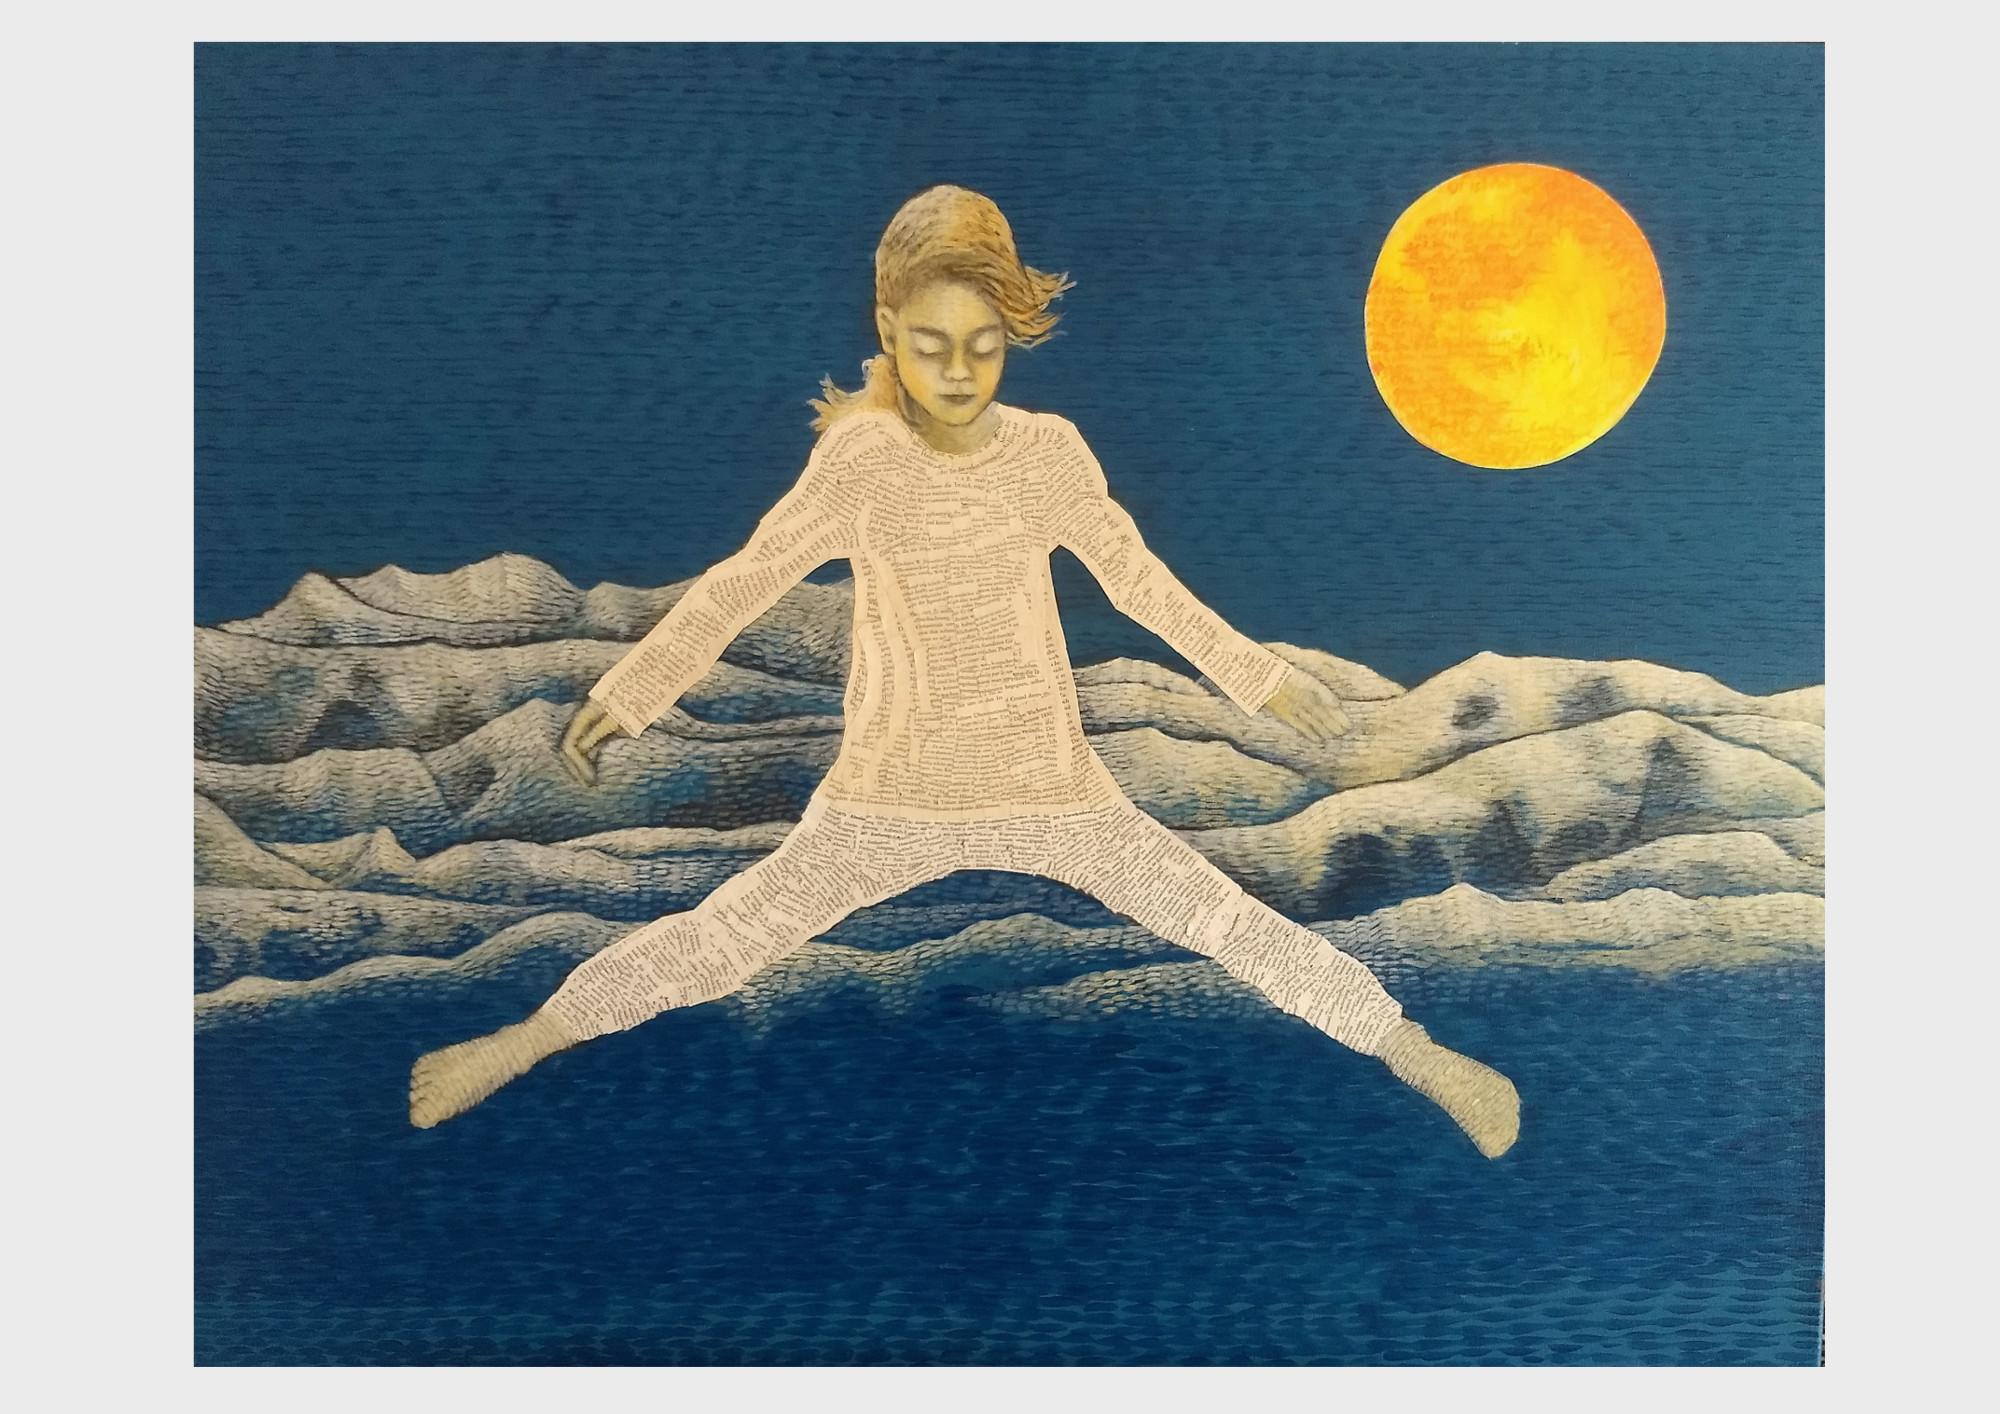 Kunst aus alten Büchern. Blaues Acrylbild mit Collage Elementen aus alten, zerliebten Büchern. Ein Mädchen gleitet über dem Gebirge durch den blauen Himmel und träumt von einem Buch: Peter Pan.